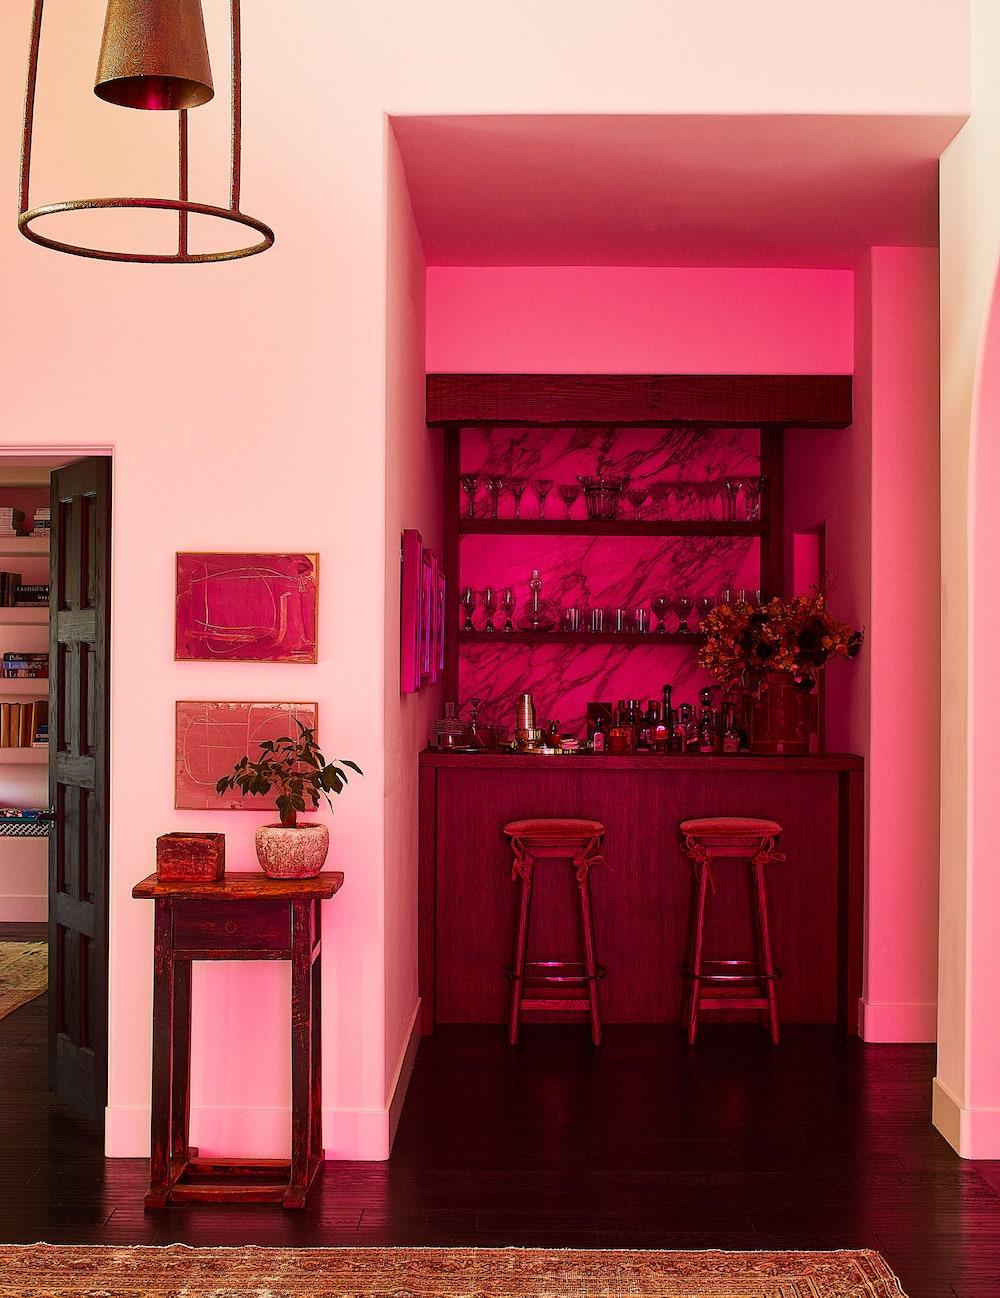 Дотроос нь харцгаая: Кендалл Женнерийн Лос-Анжелес дахь байшин (фото 4)